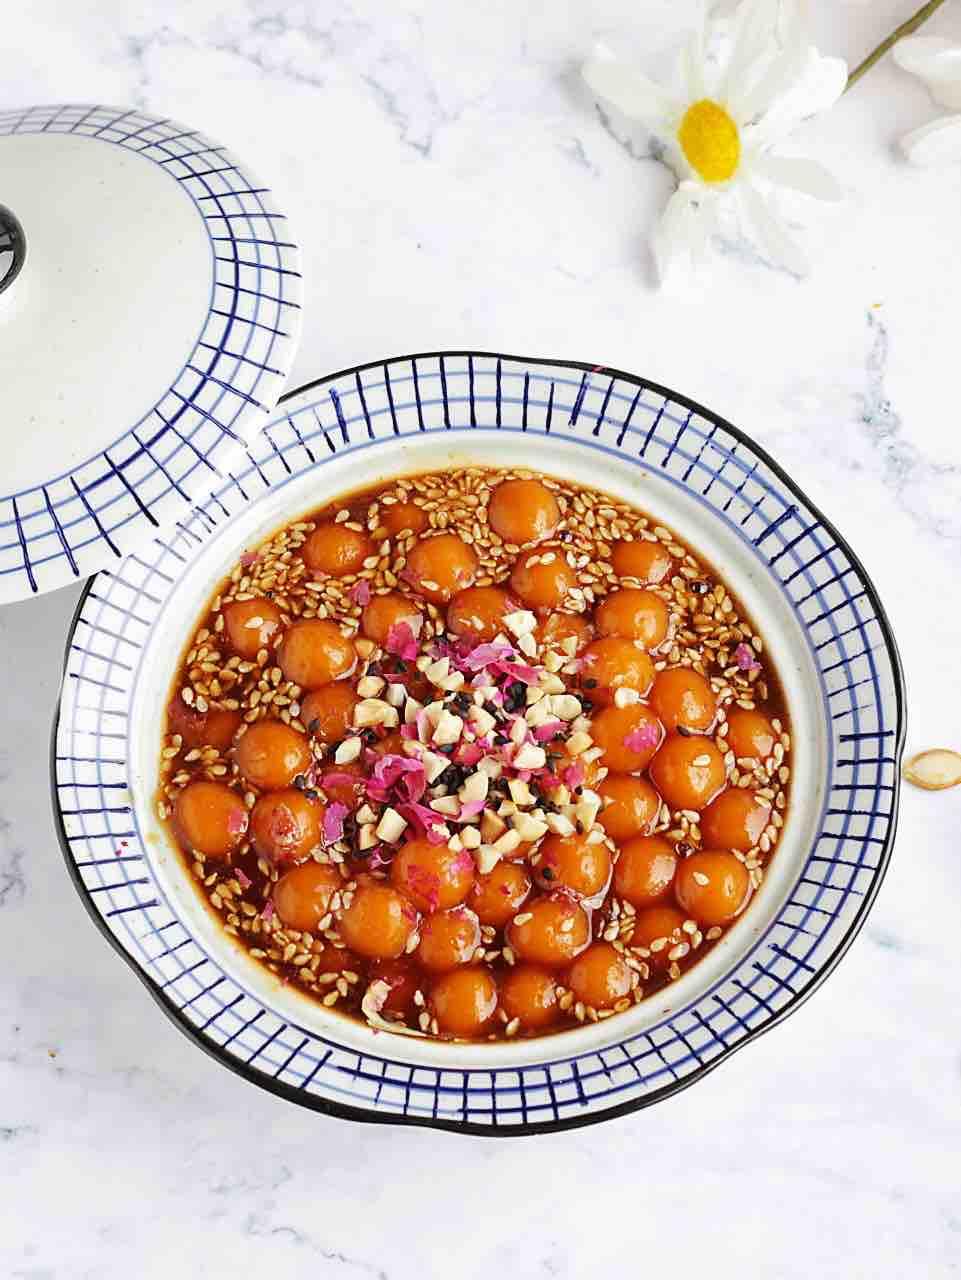 姜汁玫瑰红糖南瓜圆子的做法